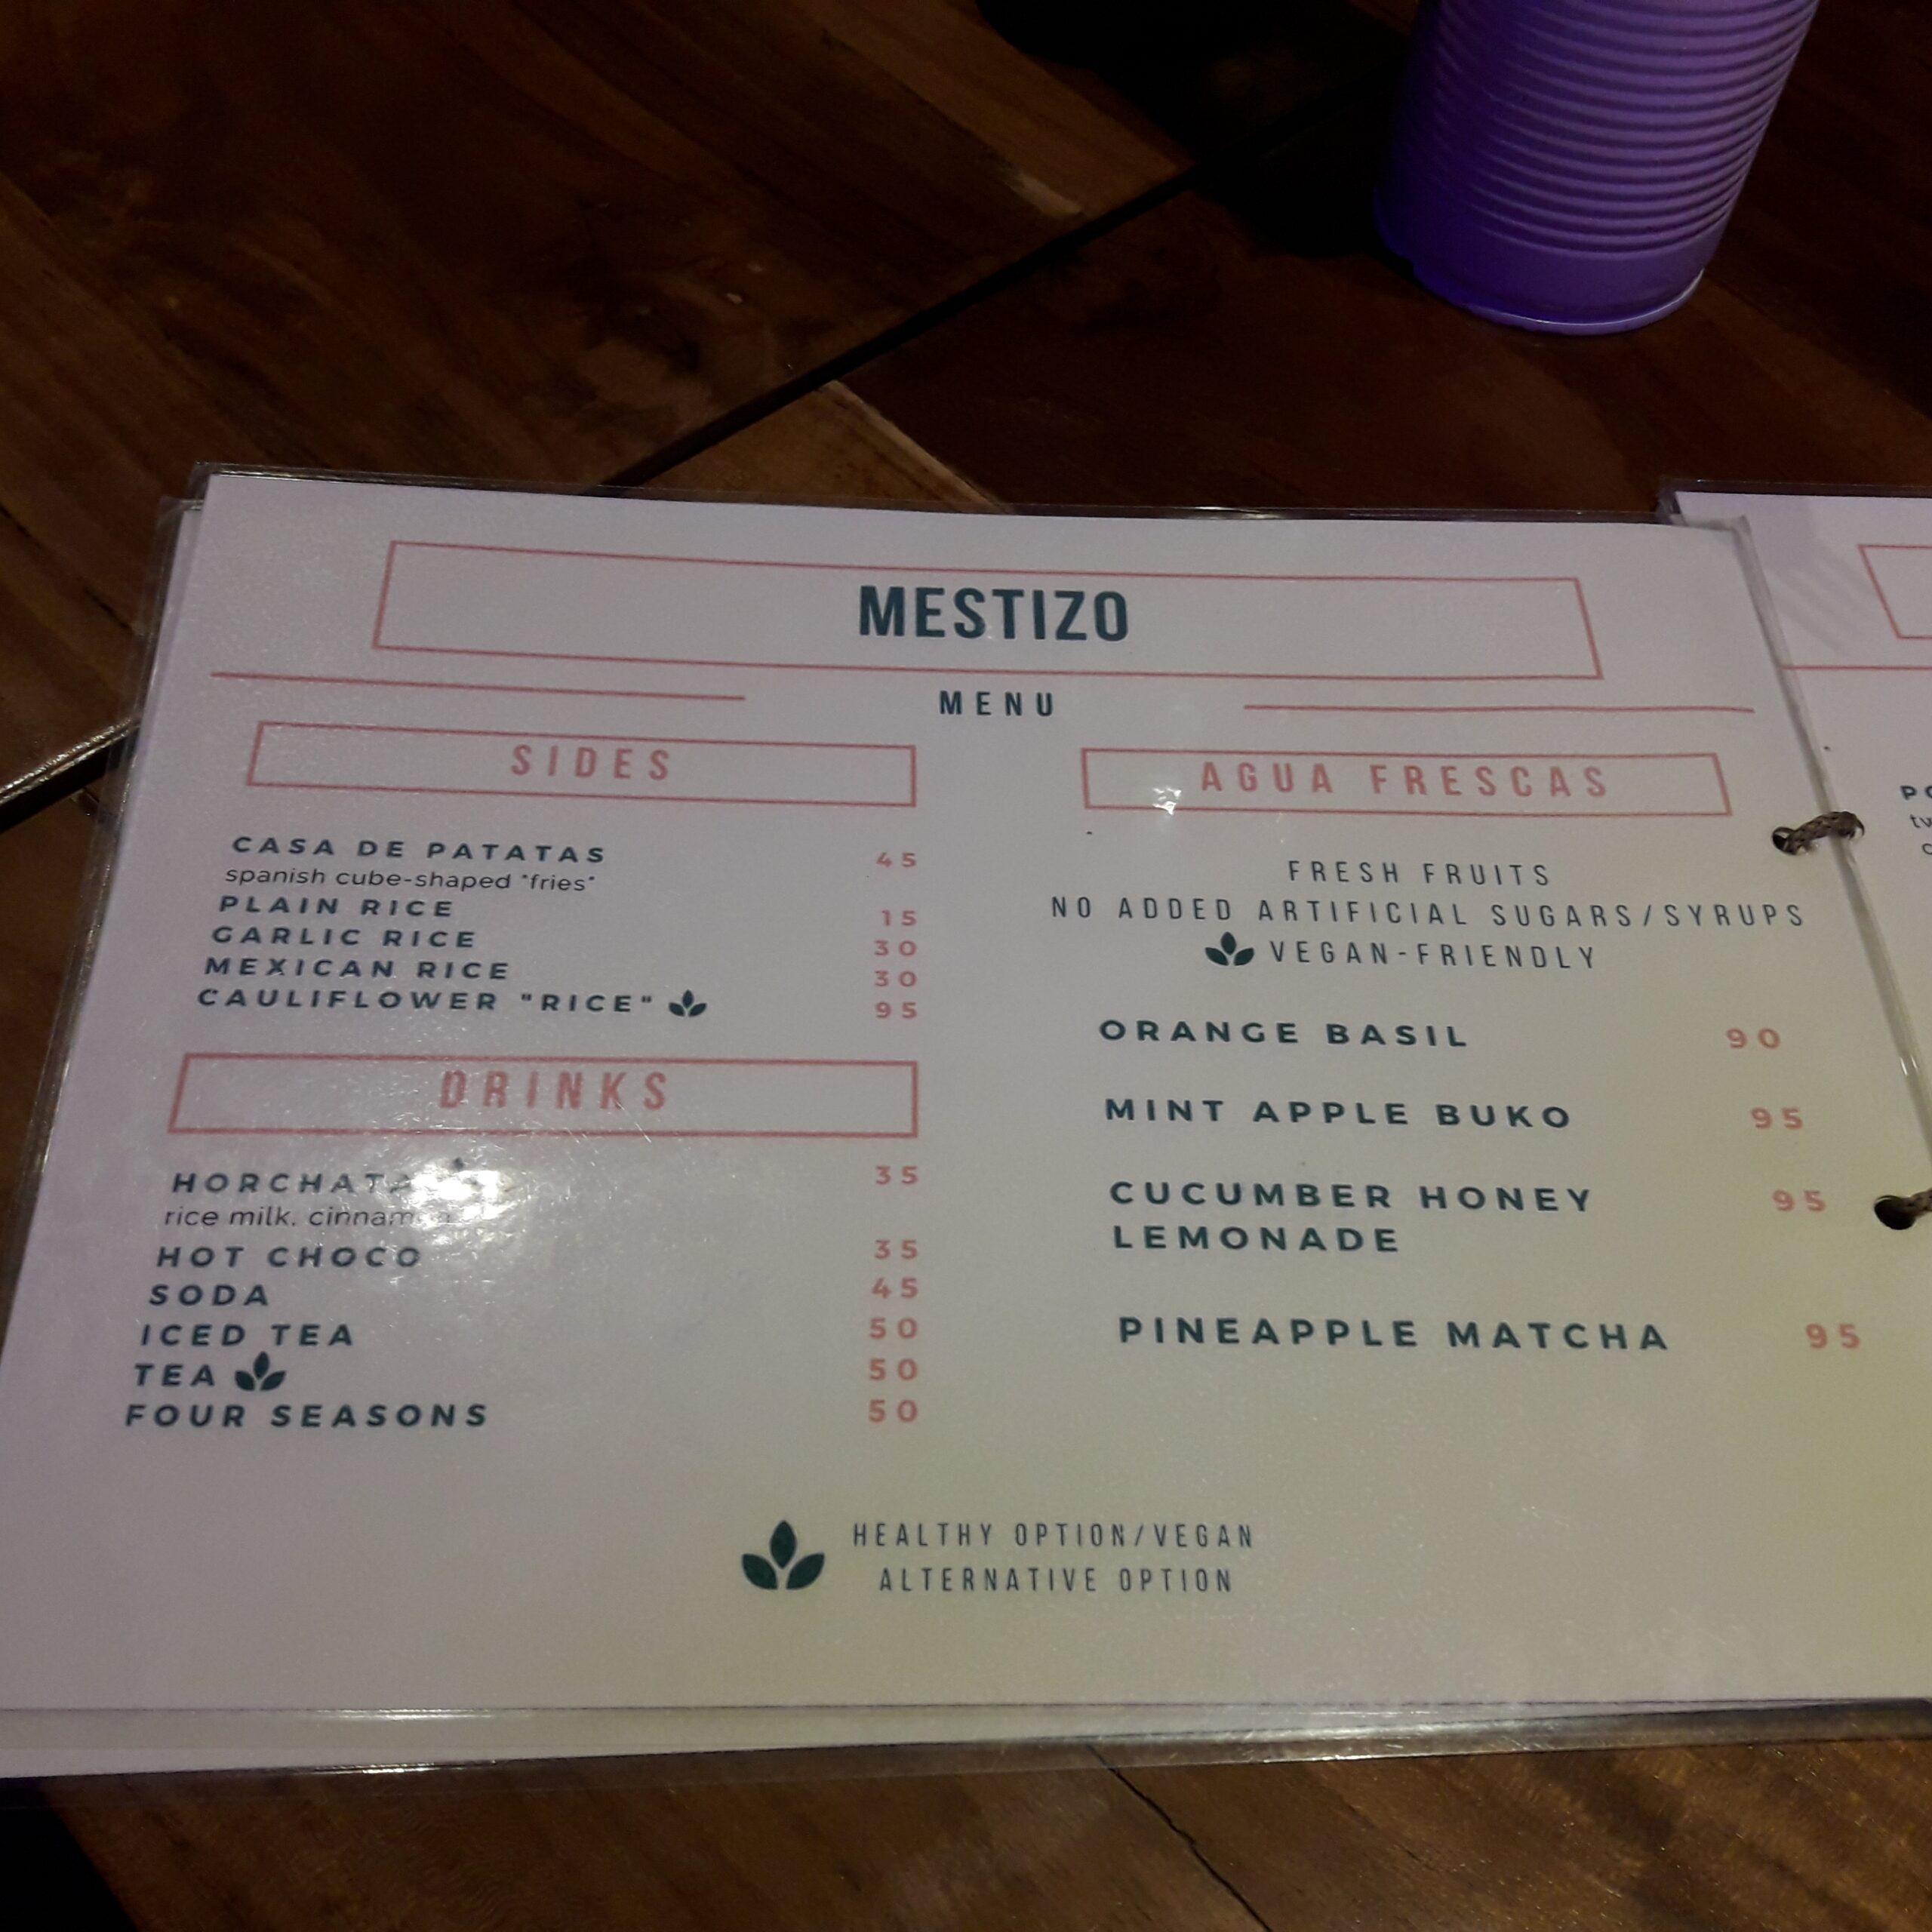 Mestizo menu sides